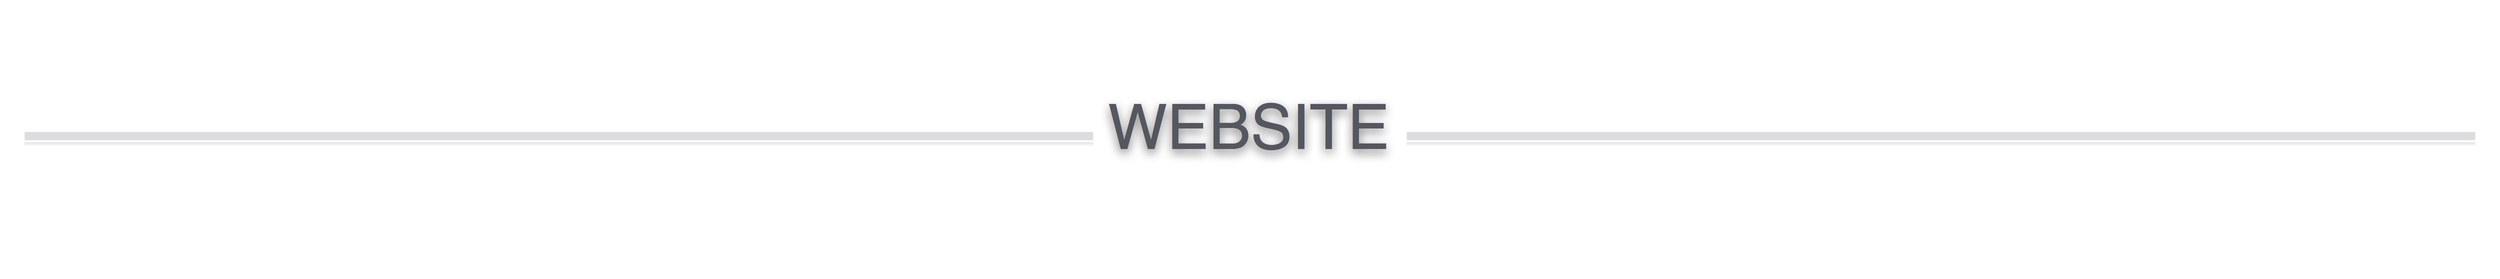 ABT SMART WEBSITE